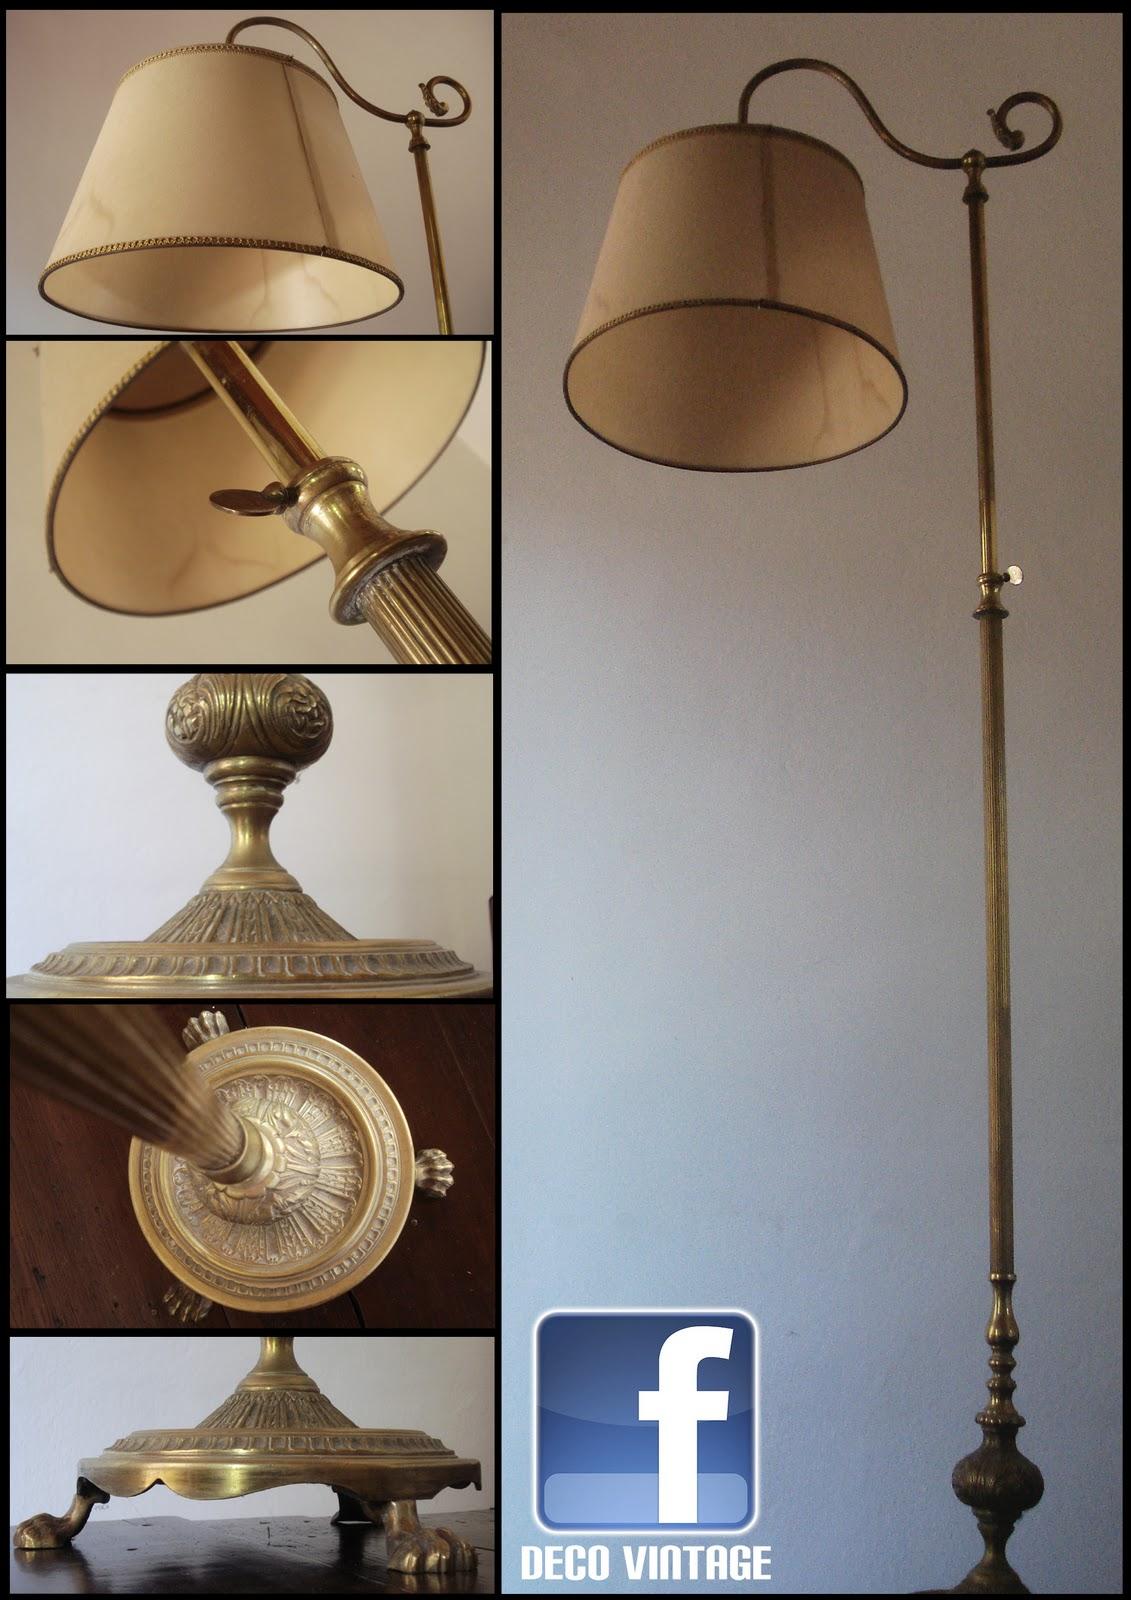 Lamparas antiguas deco vintage decoraci n del hogar lamparas de pie - Lampara de pie vintage ...